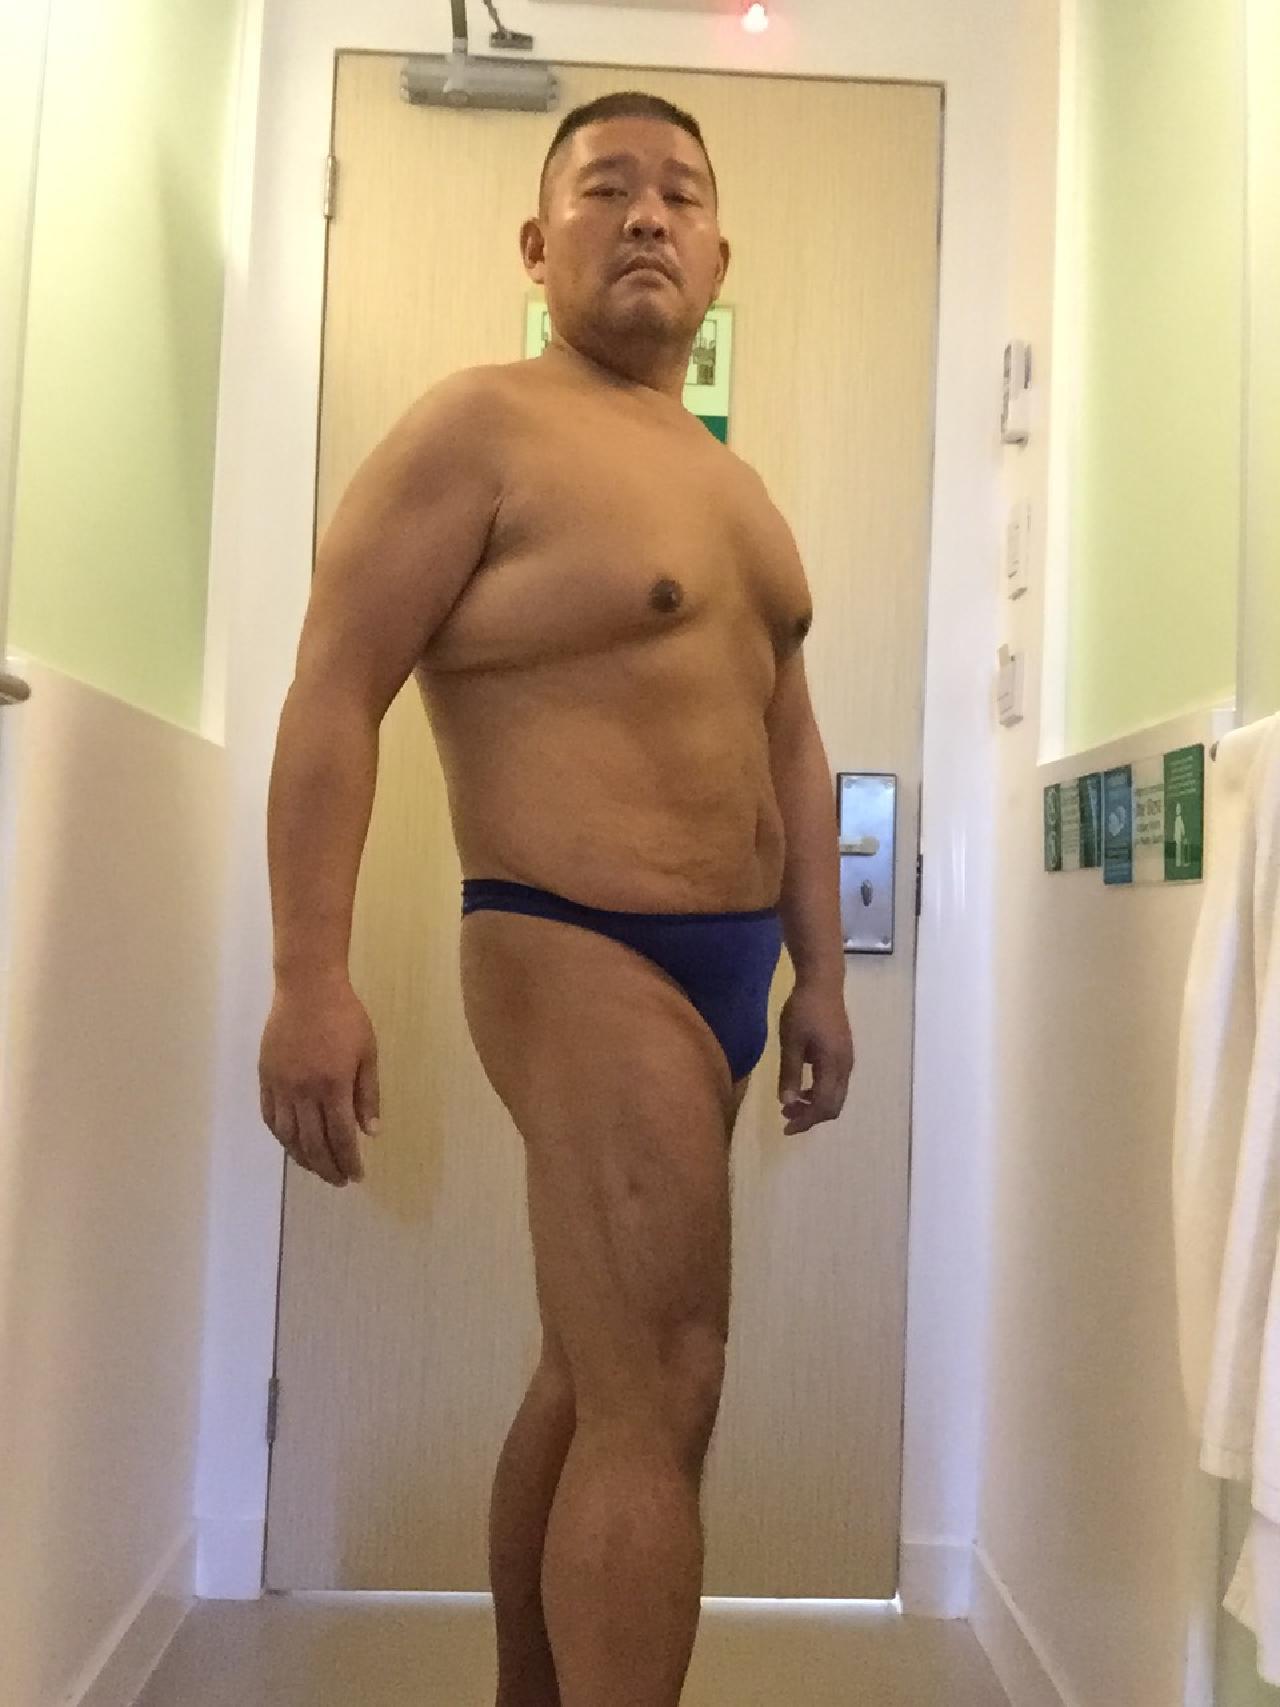 Bikini sun bather (46/218)